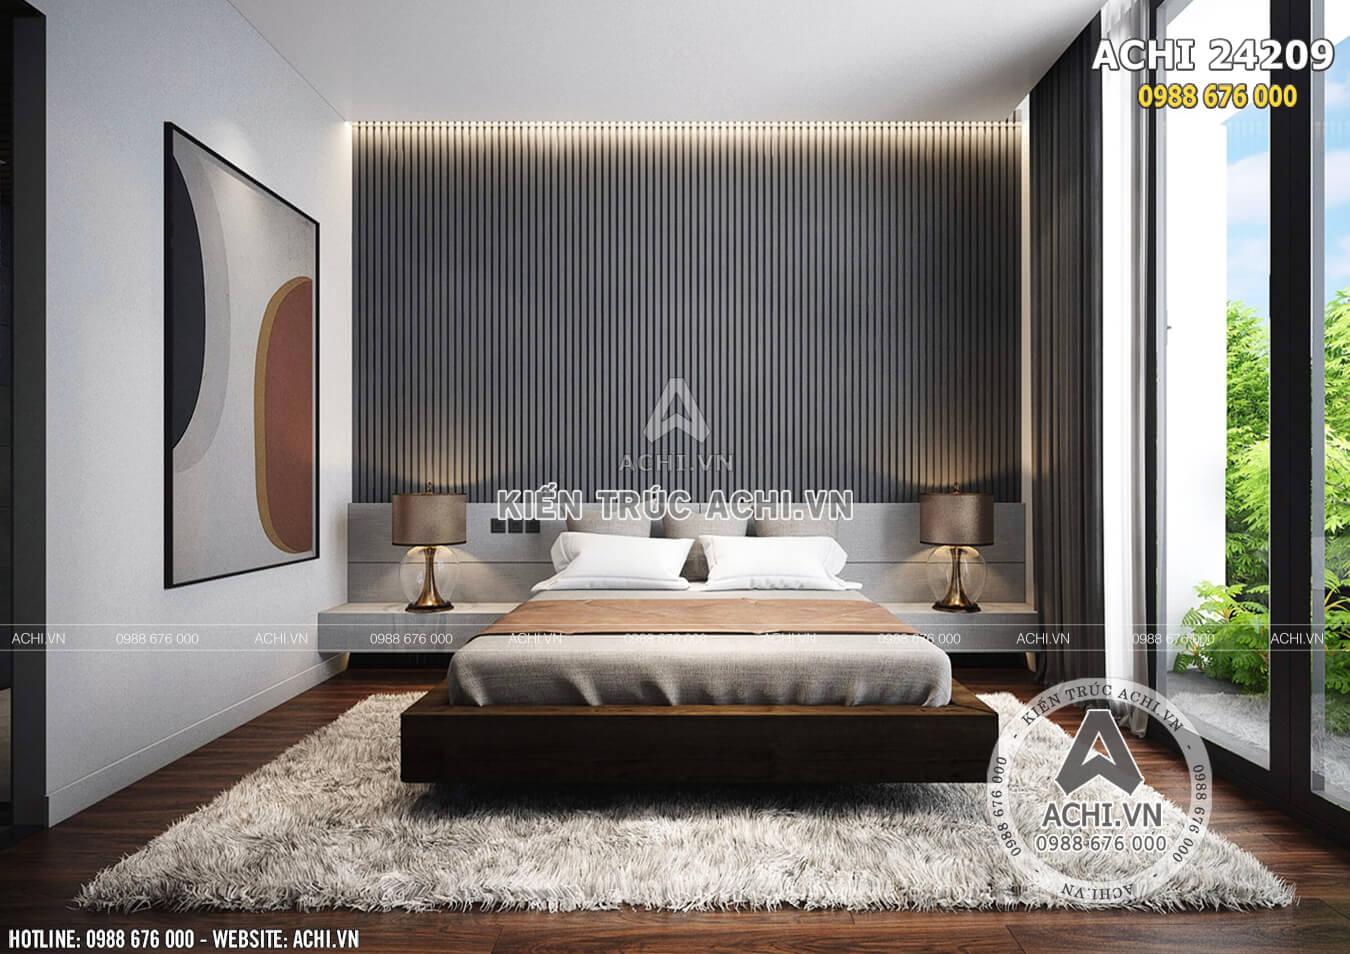 Phòng ngủ đơn giản nhưng tiện nghi và giao hòa cùng thiên nhiên